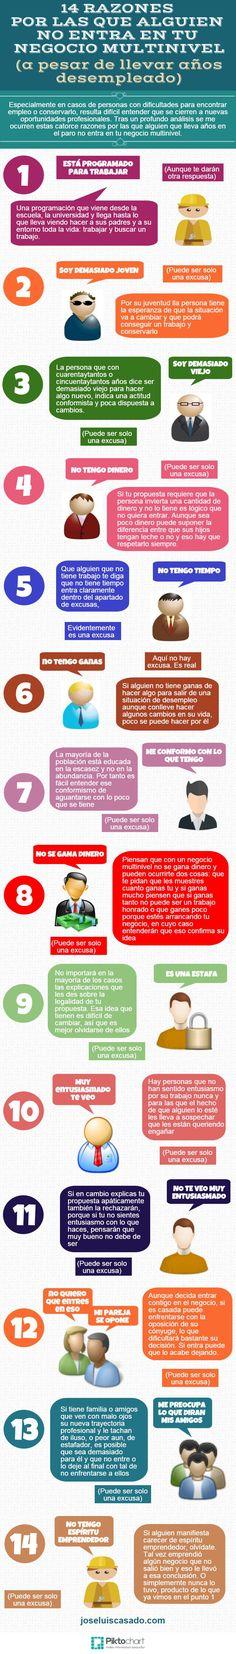 """14 Razones por las que alguien no entra en tu negocio multinivel. <Alt=""""14…"""